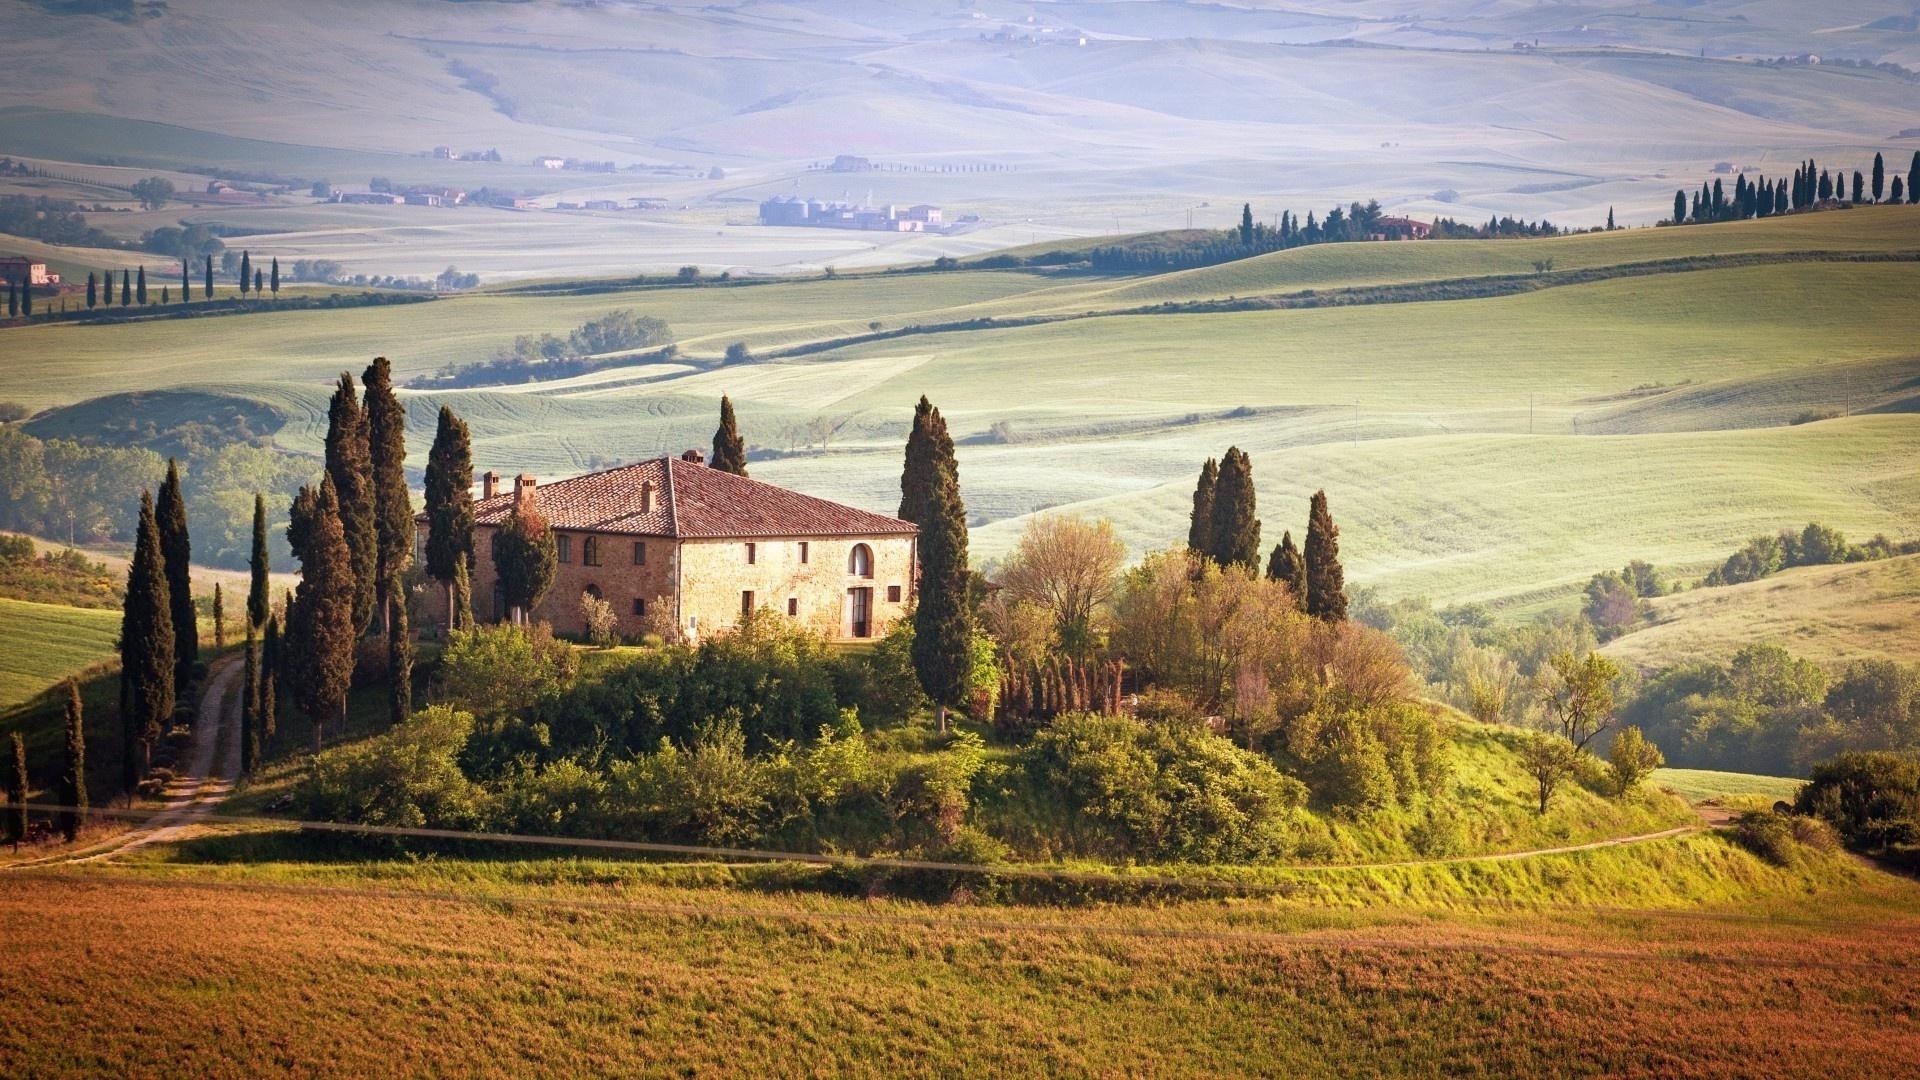 Tuscany free image